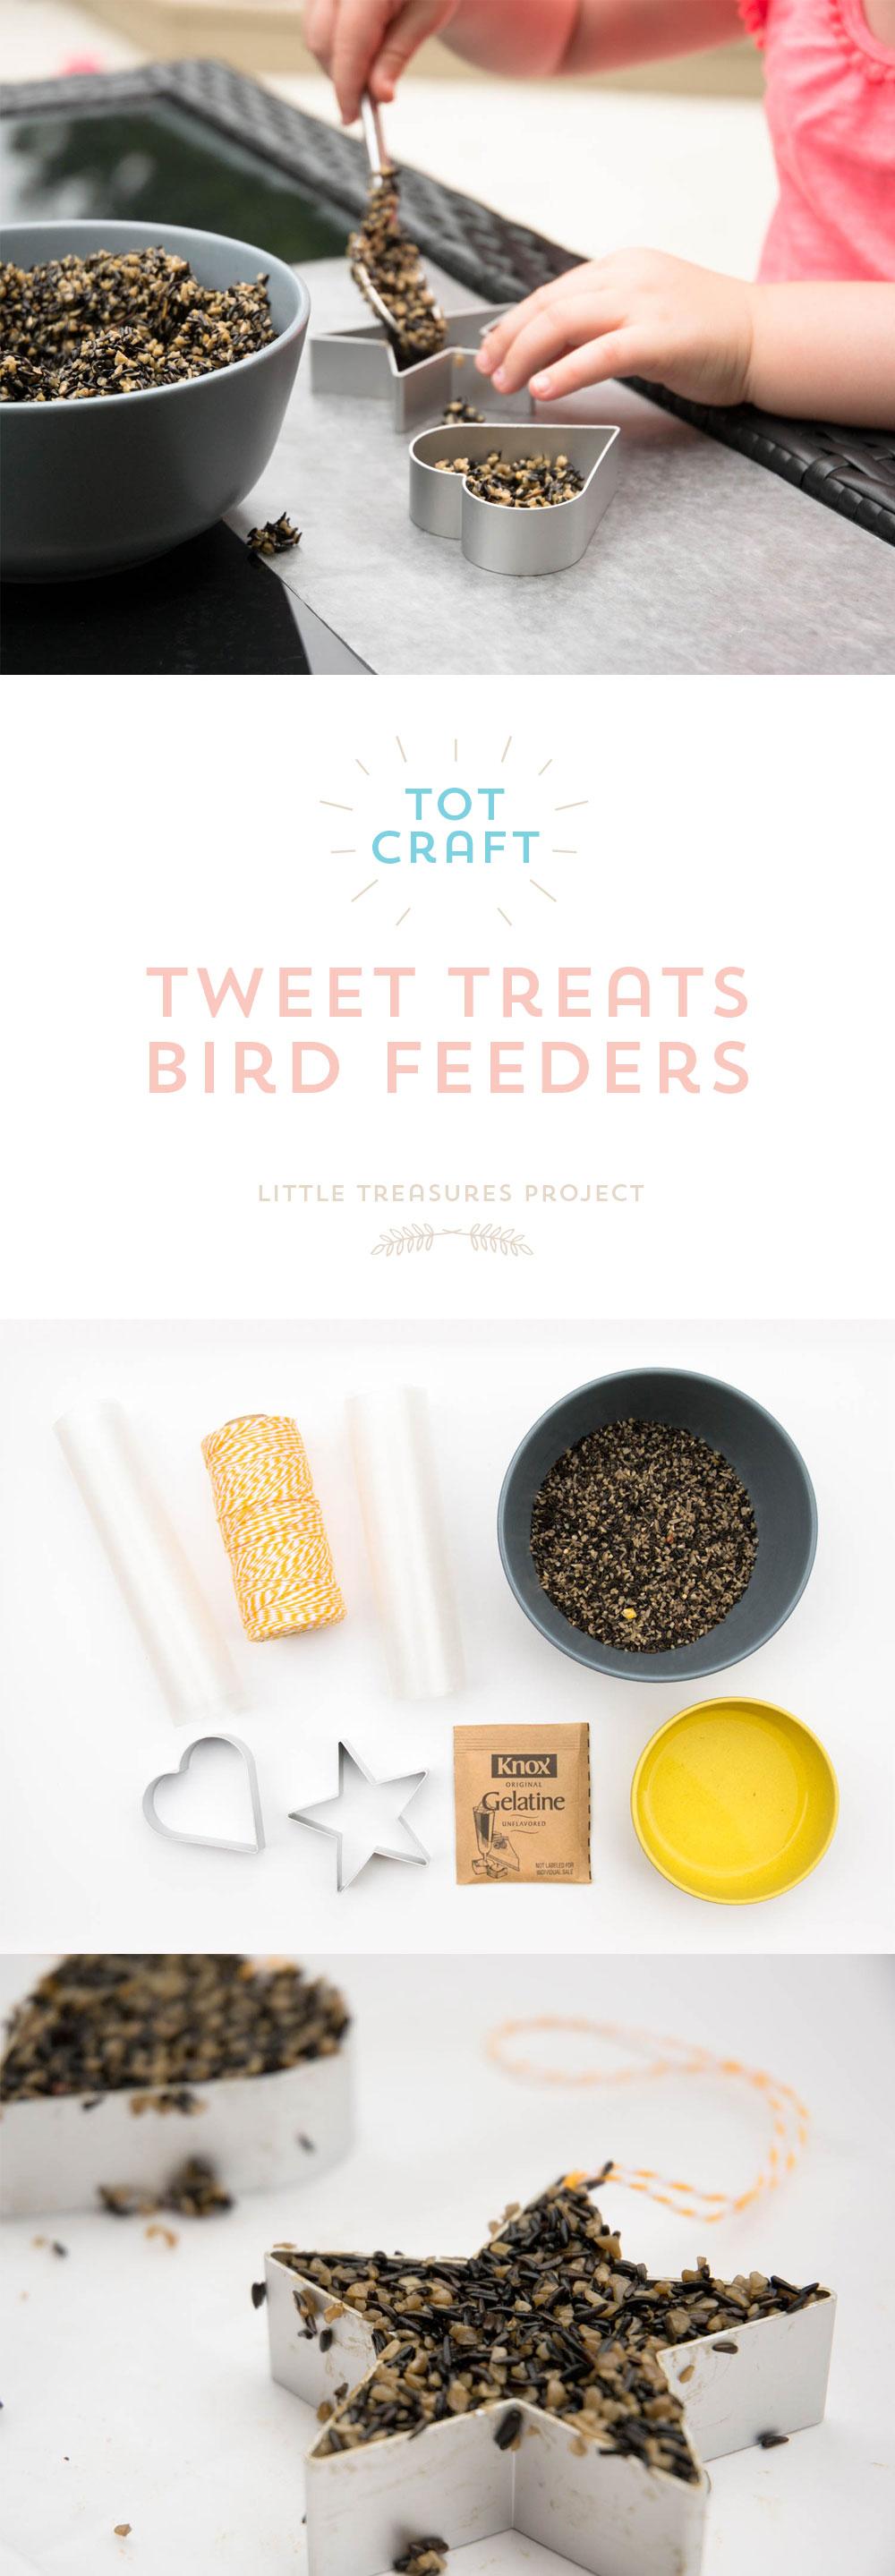 Tot Craft | Tweet Treats Bird Feeders | Little Treasures Project